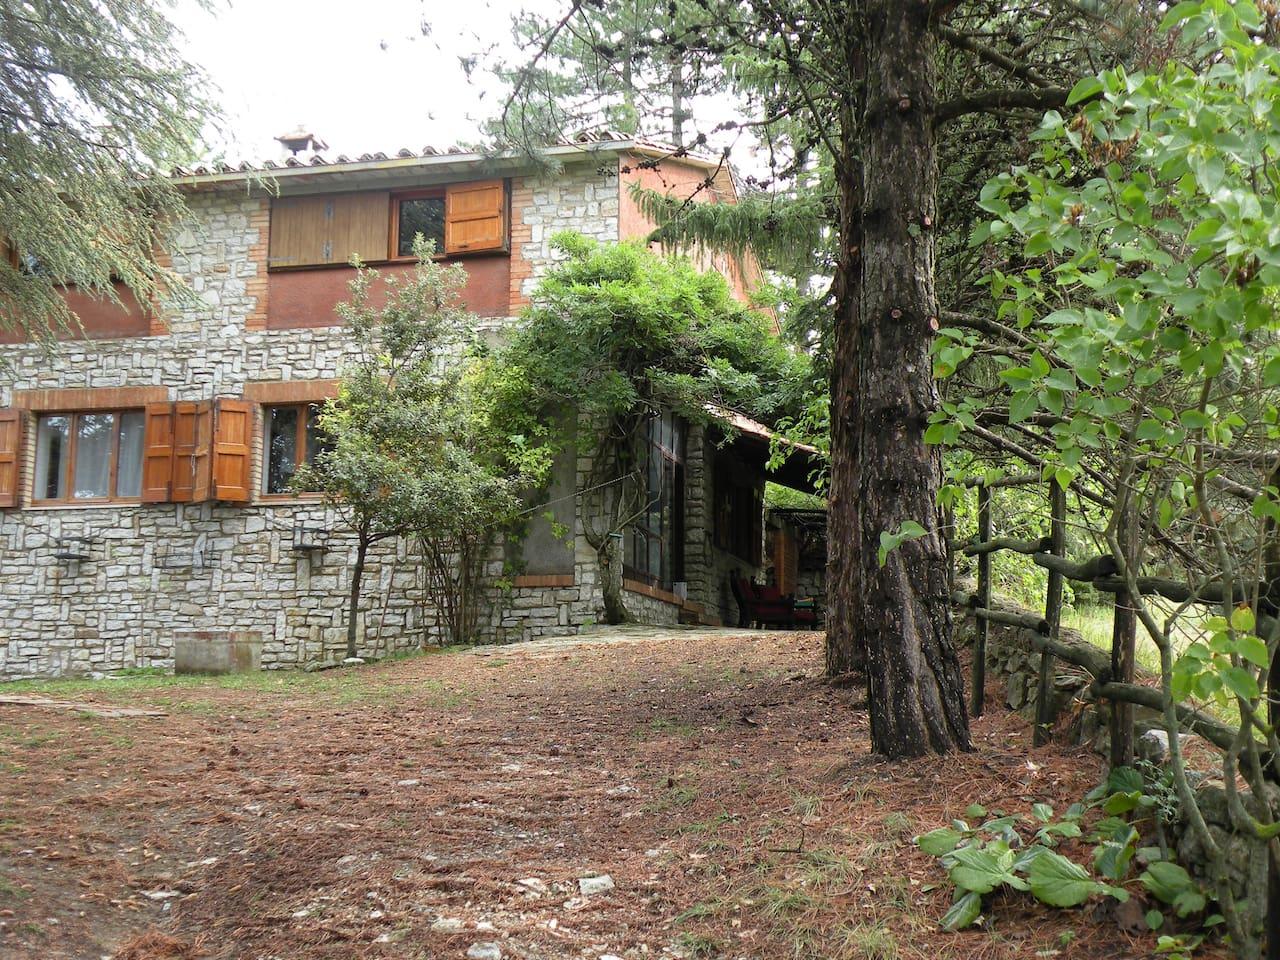 visione esterna della casa